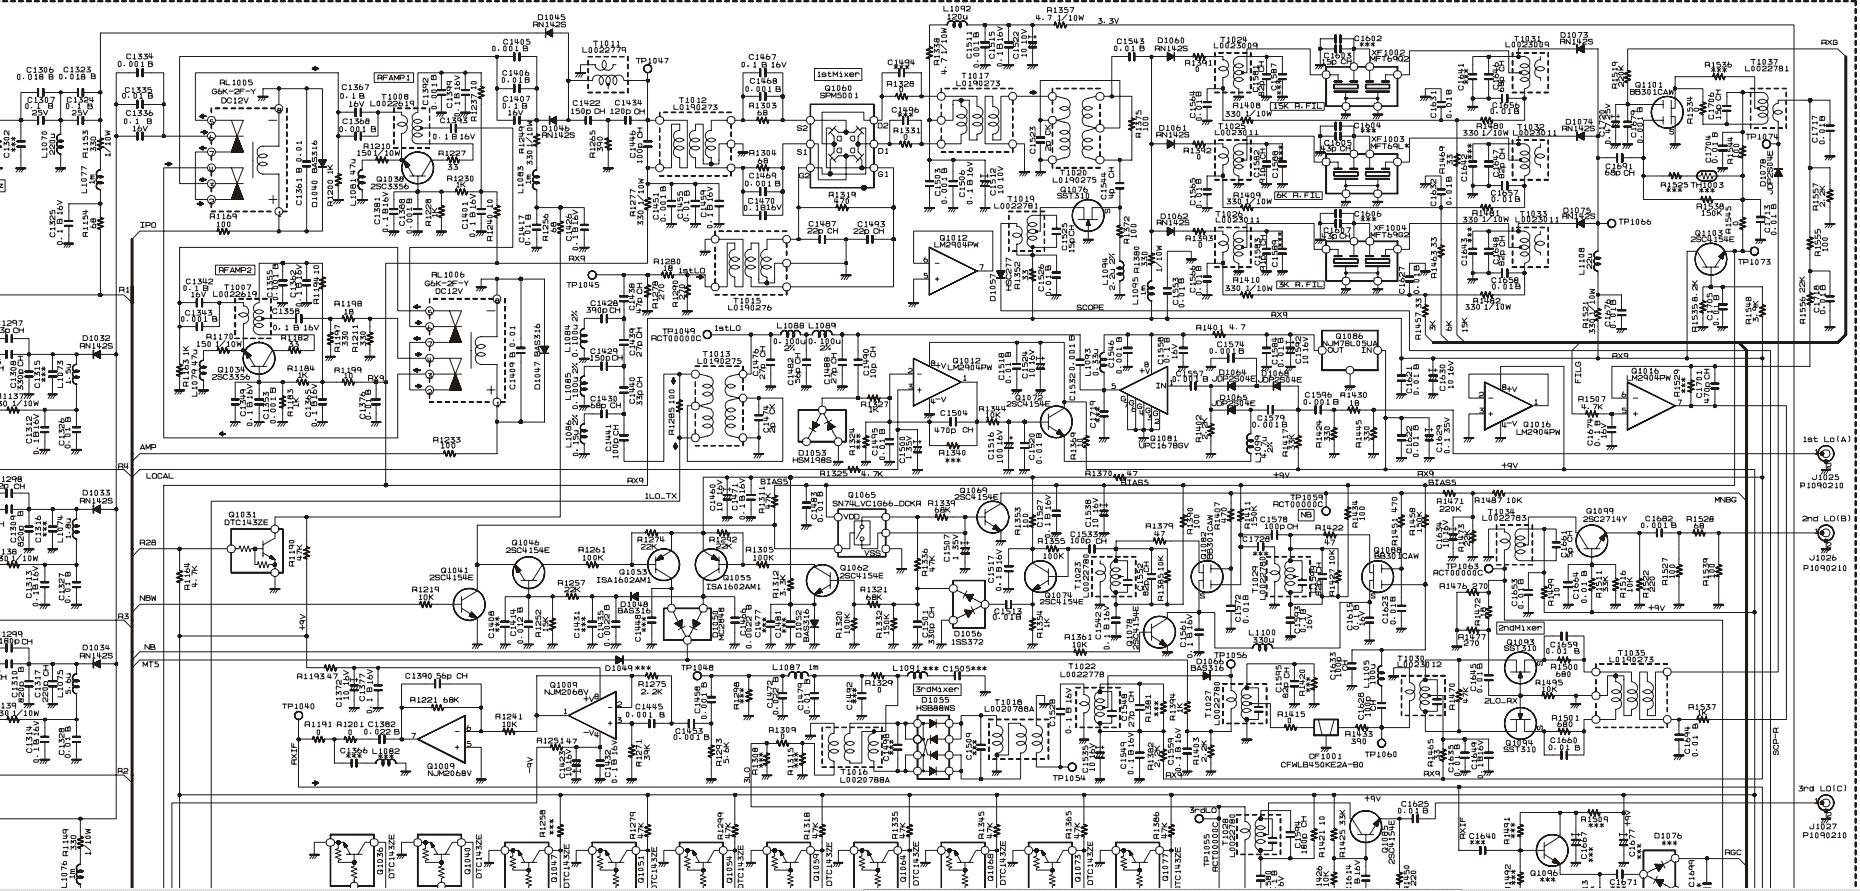 Скат 1200д схема принципиальная